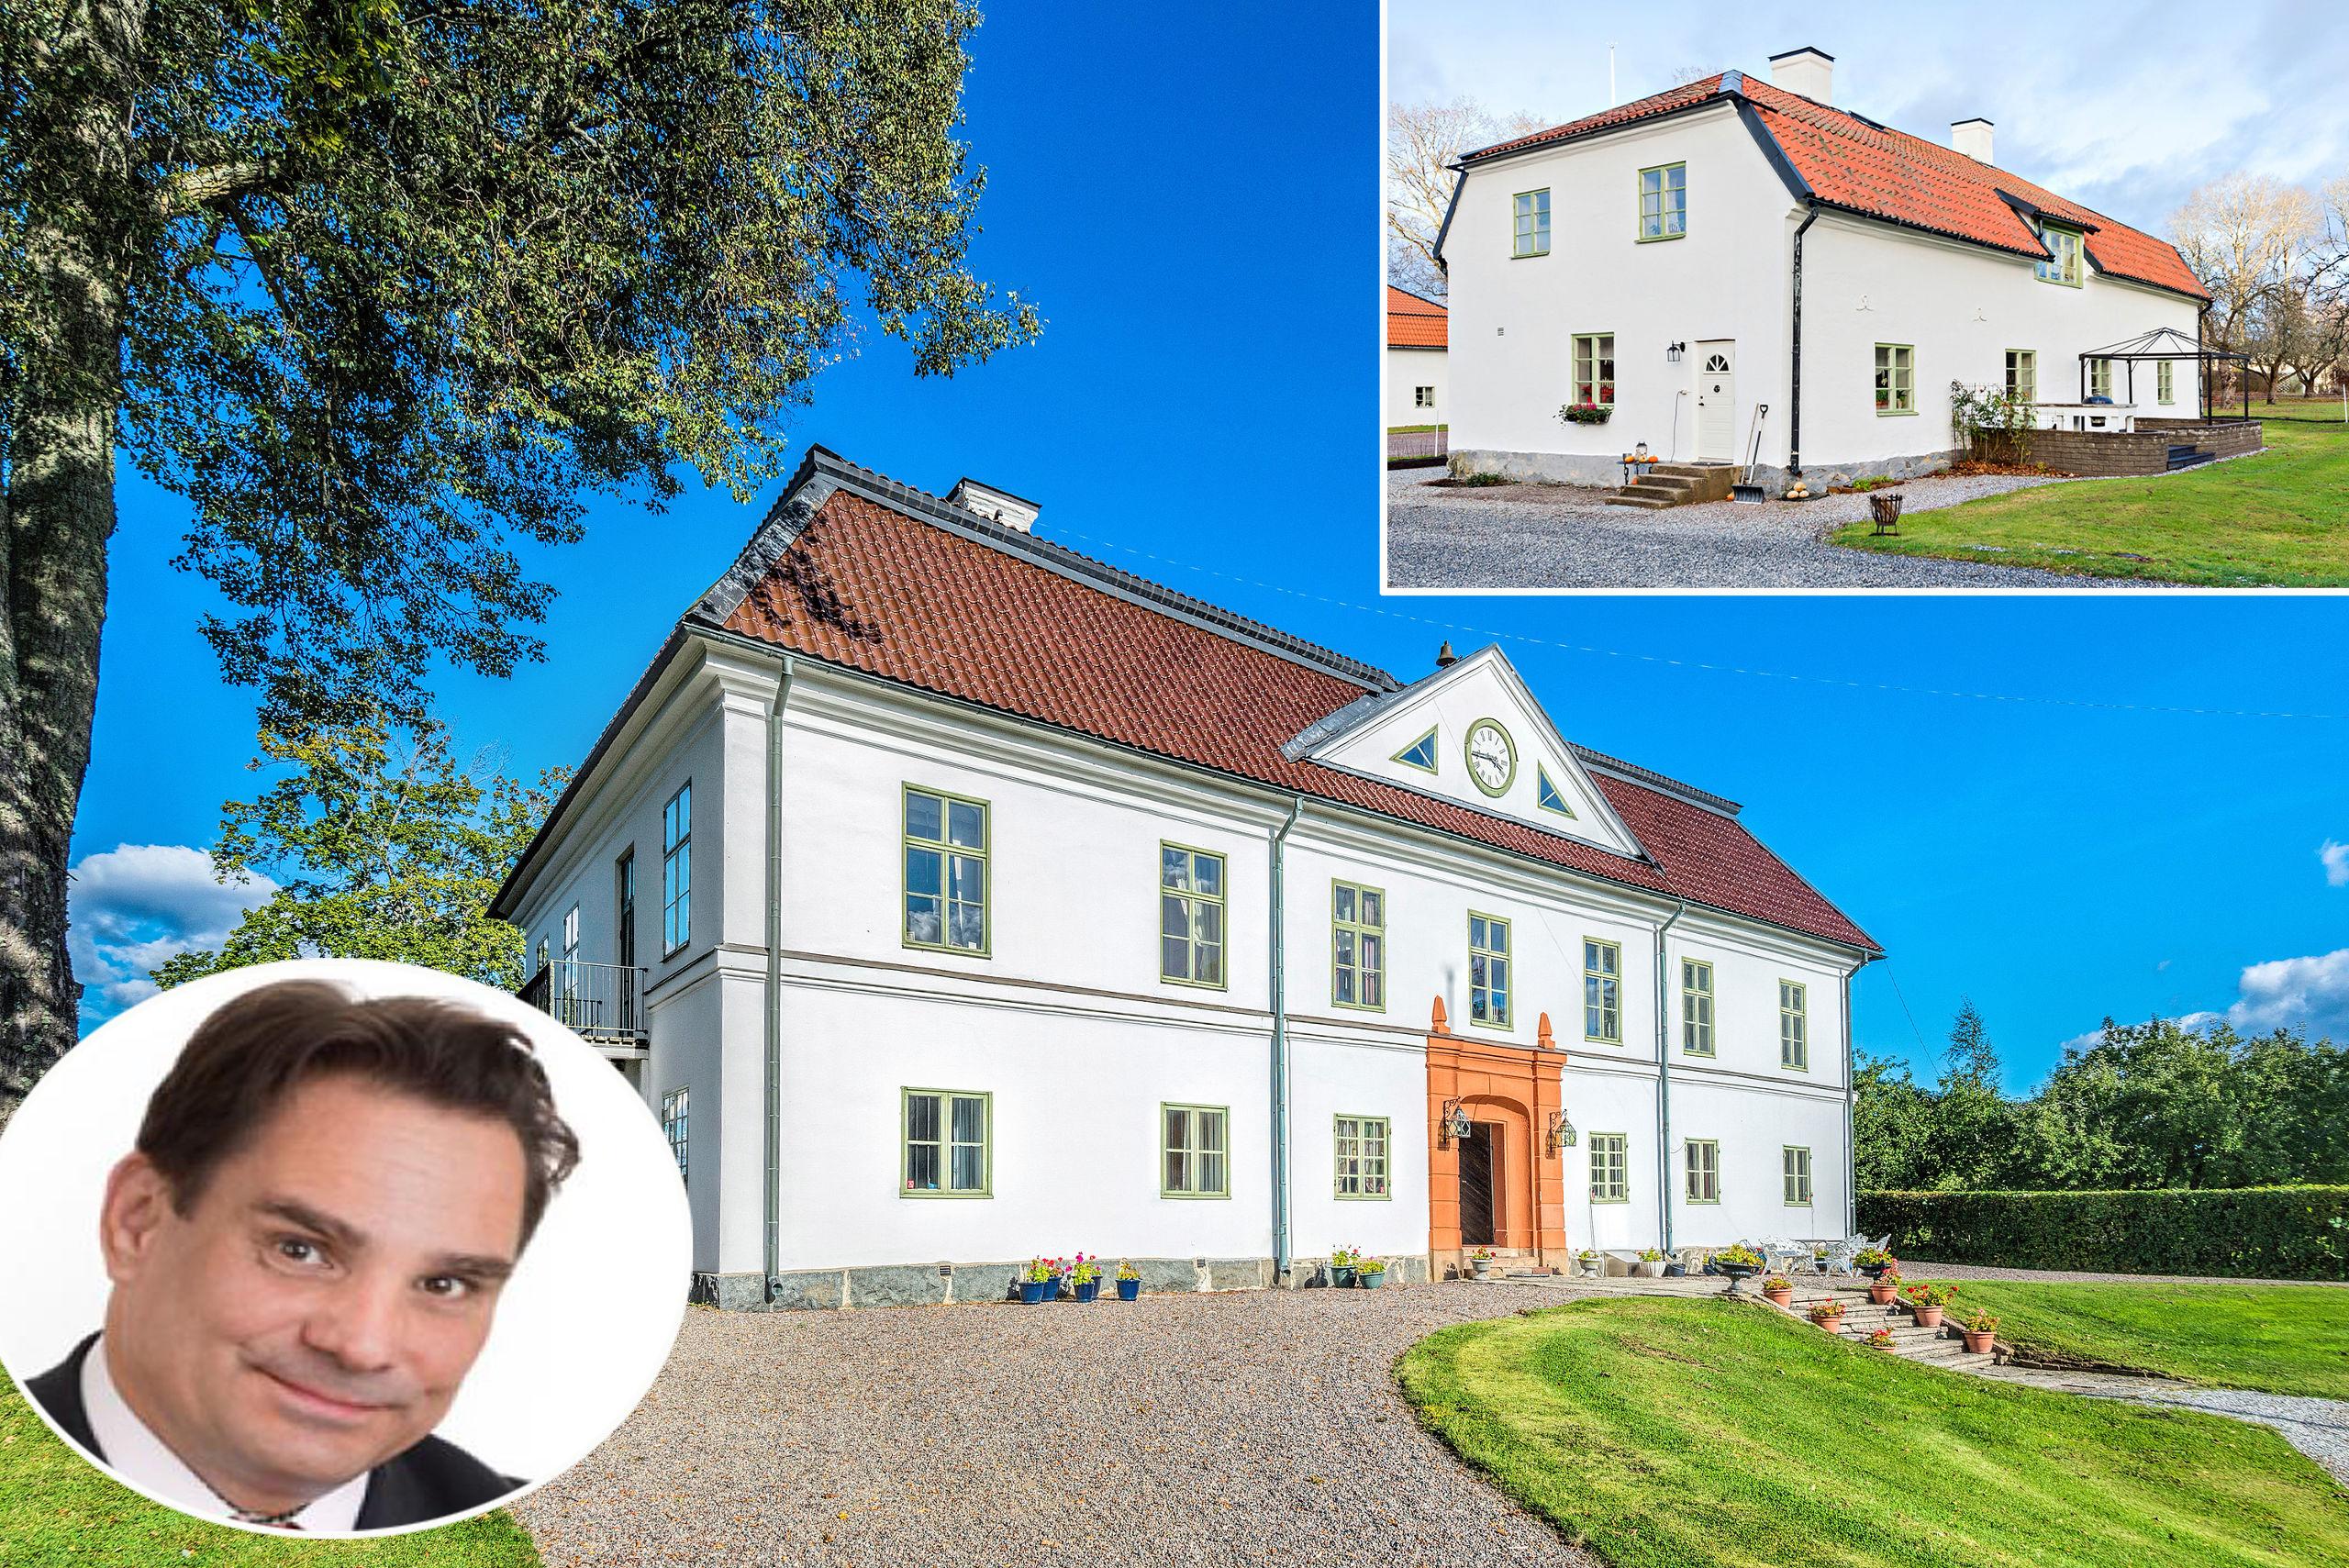 Har saldes stockholms dyraste hus